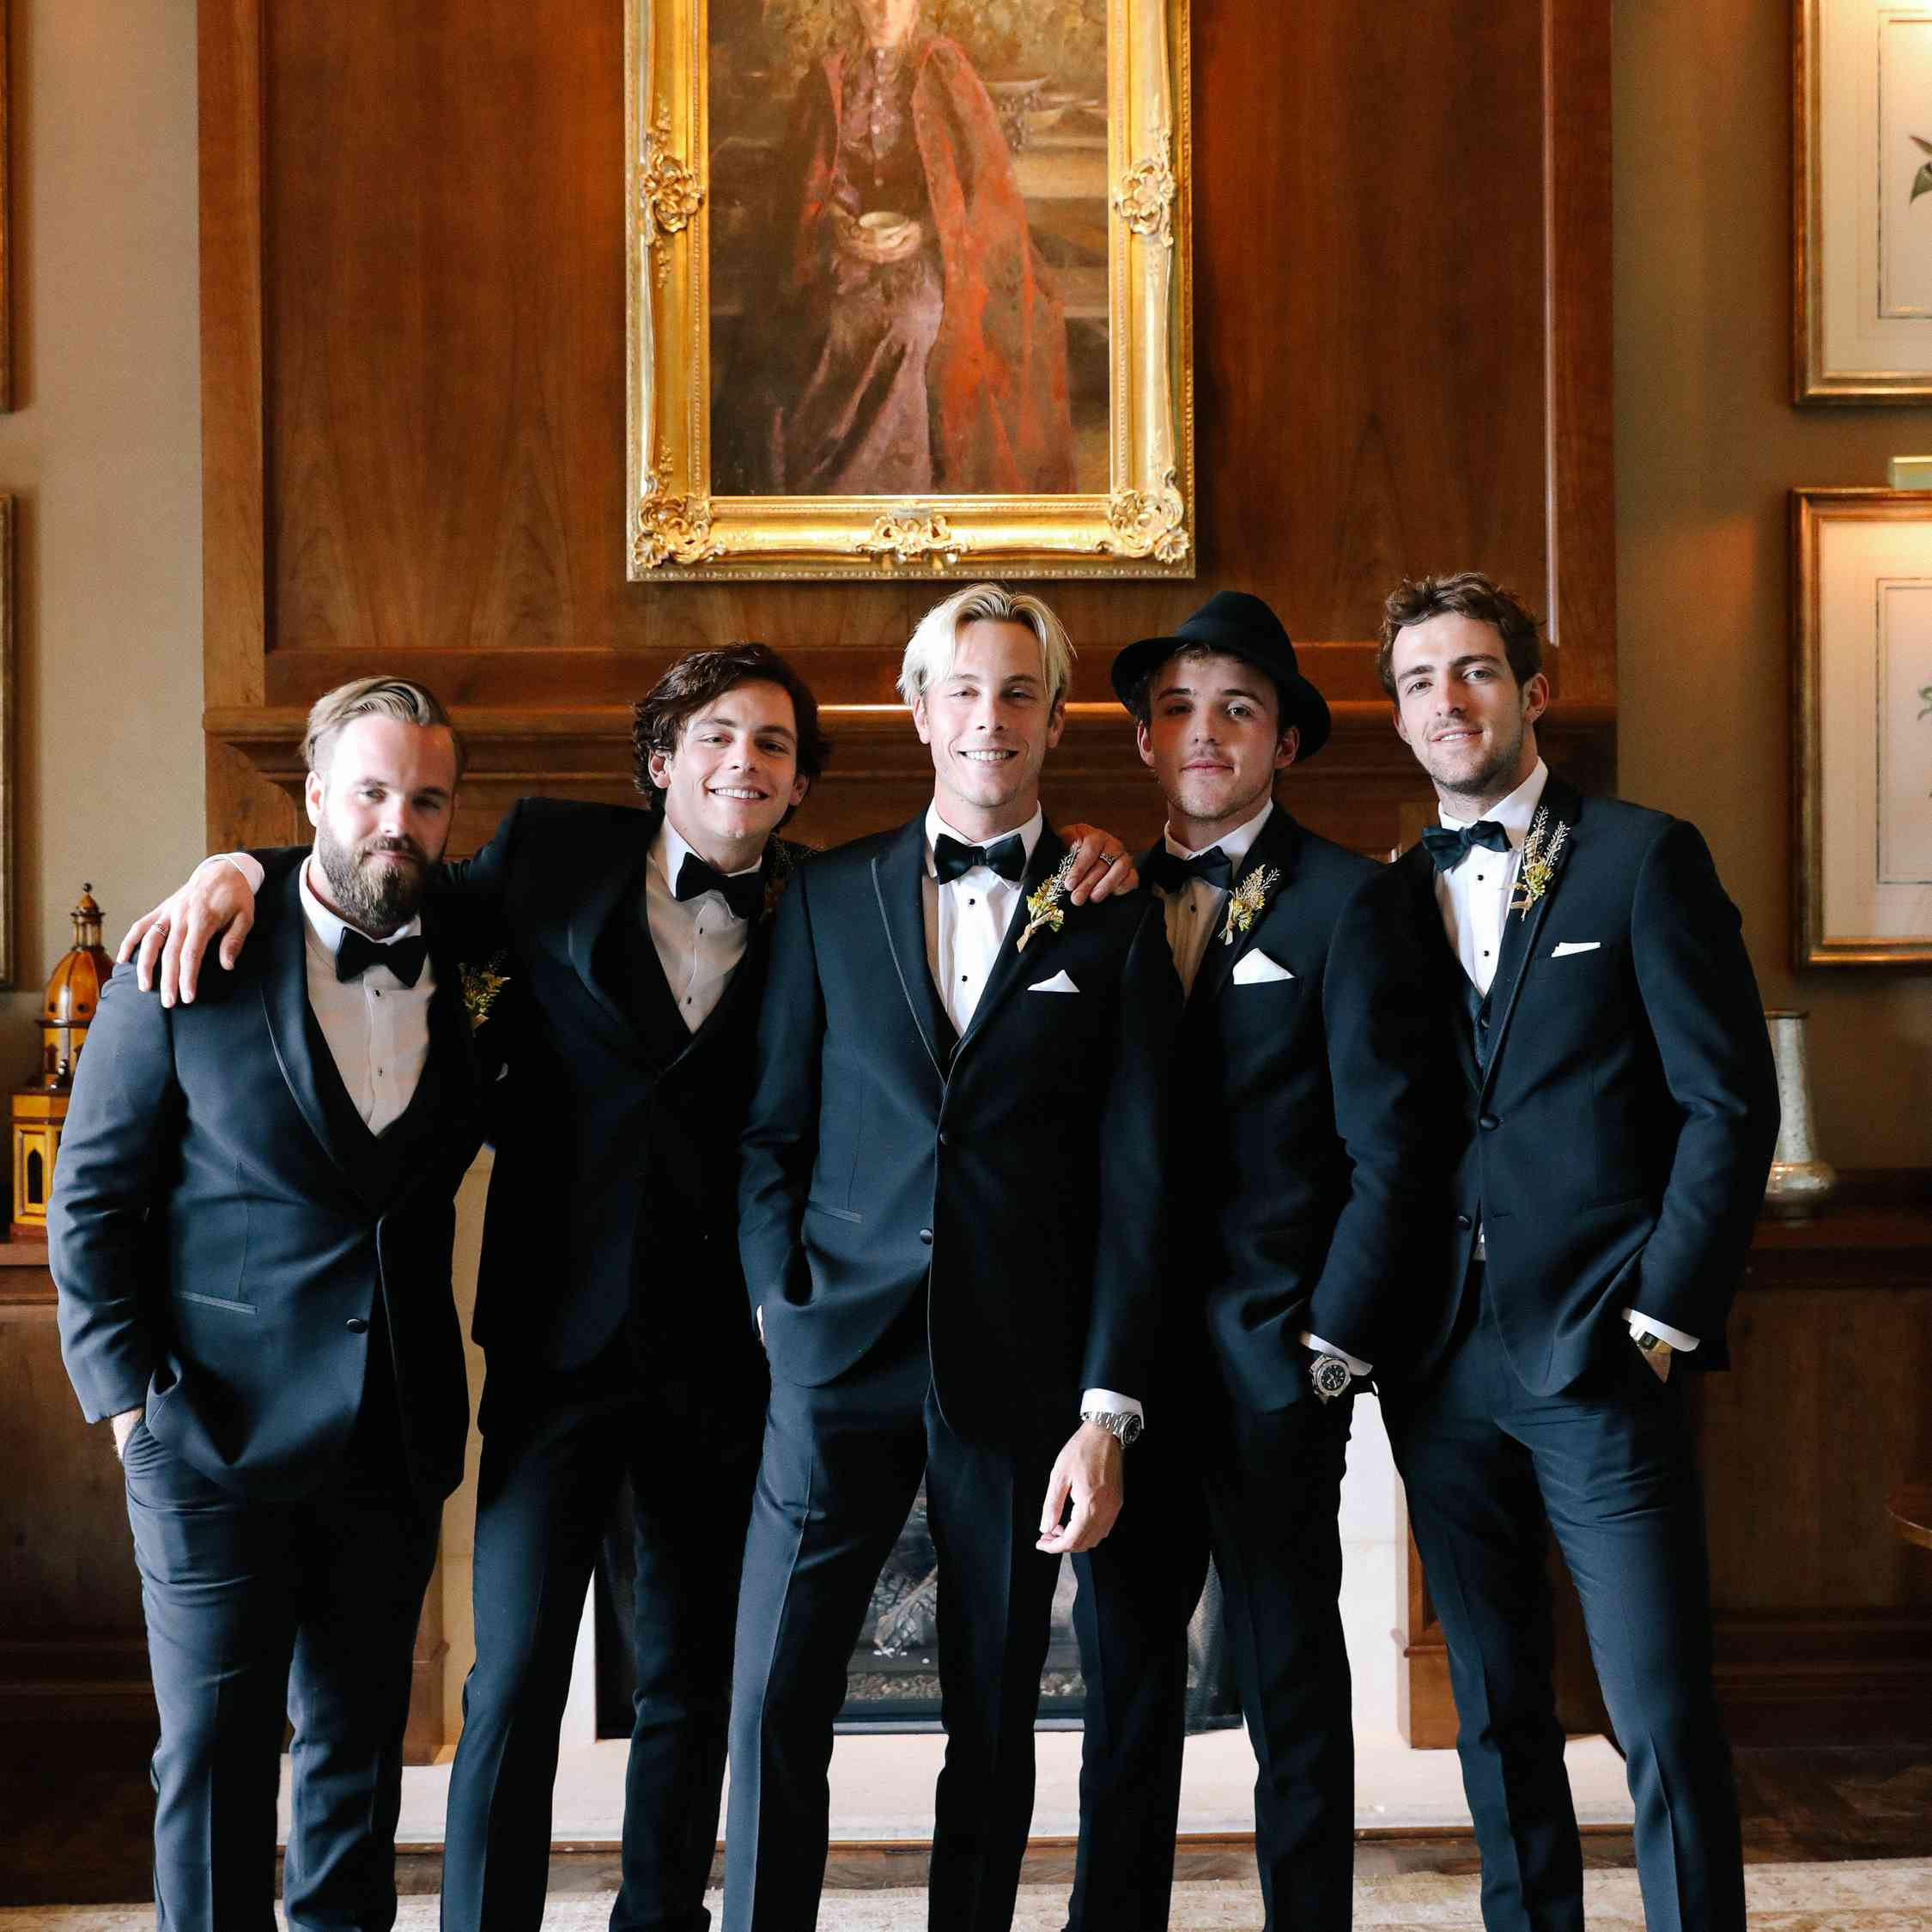 savannah and riker wedding, groomsmen